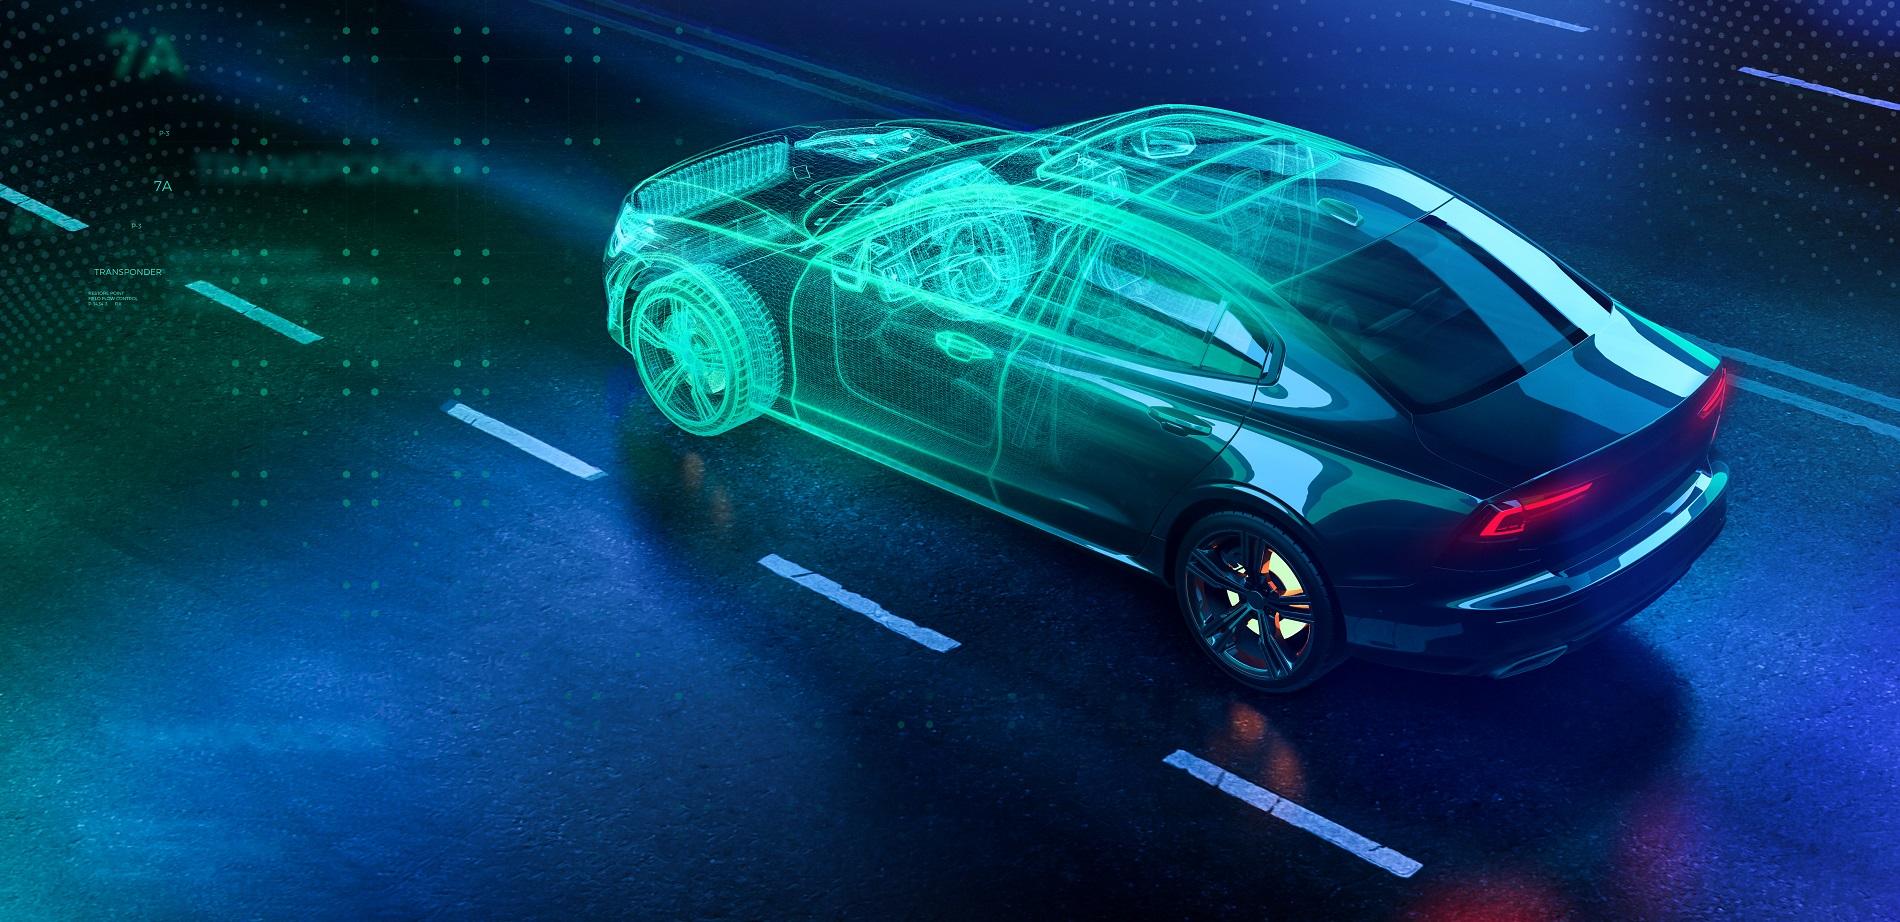 Štyri trendy zmien a inovácií v automobilovom priemysle